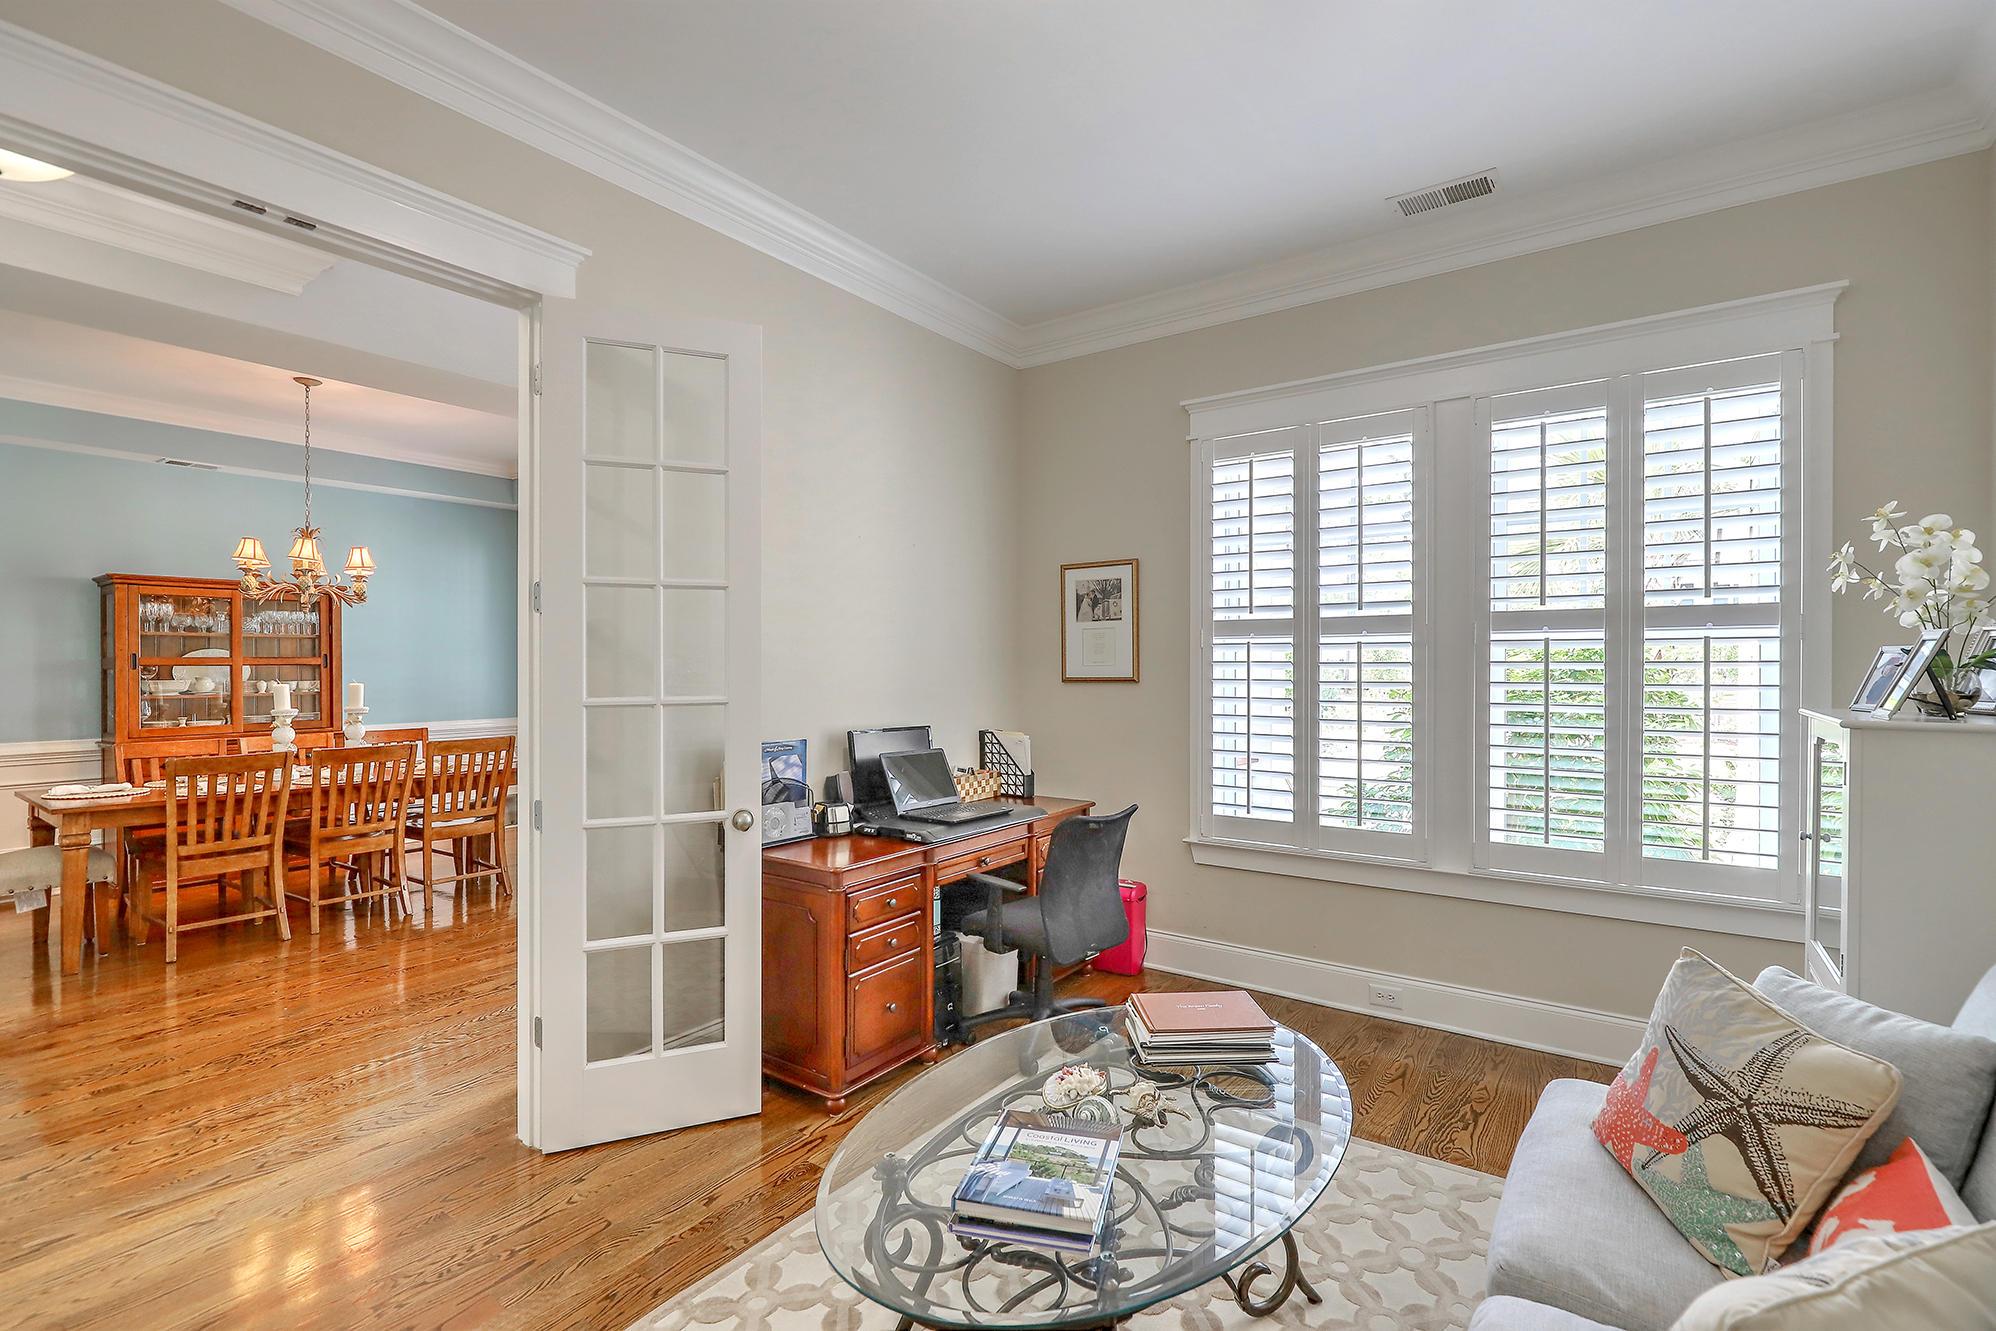 Park West Homes For Sale - 1516 Capel, Mount Pleasant, SC - 29